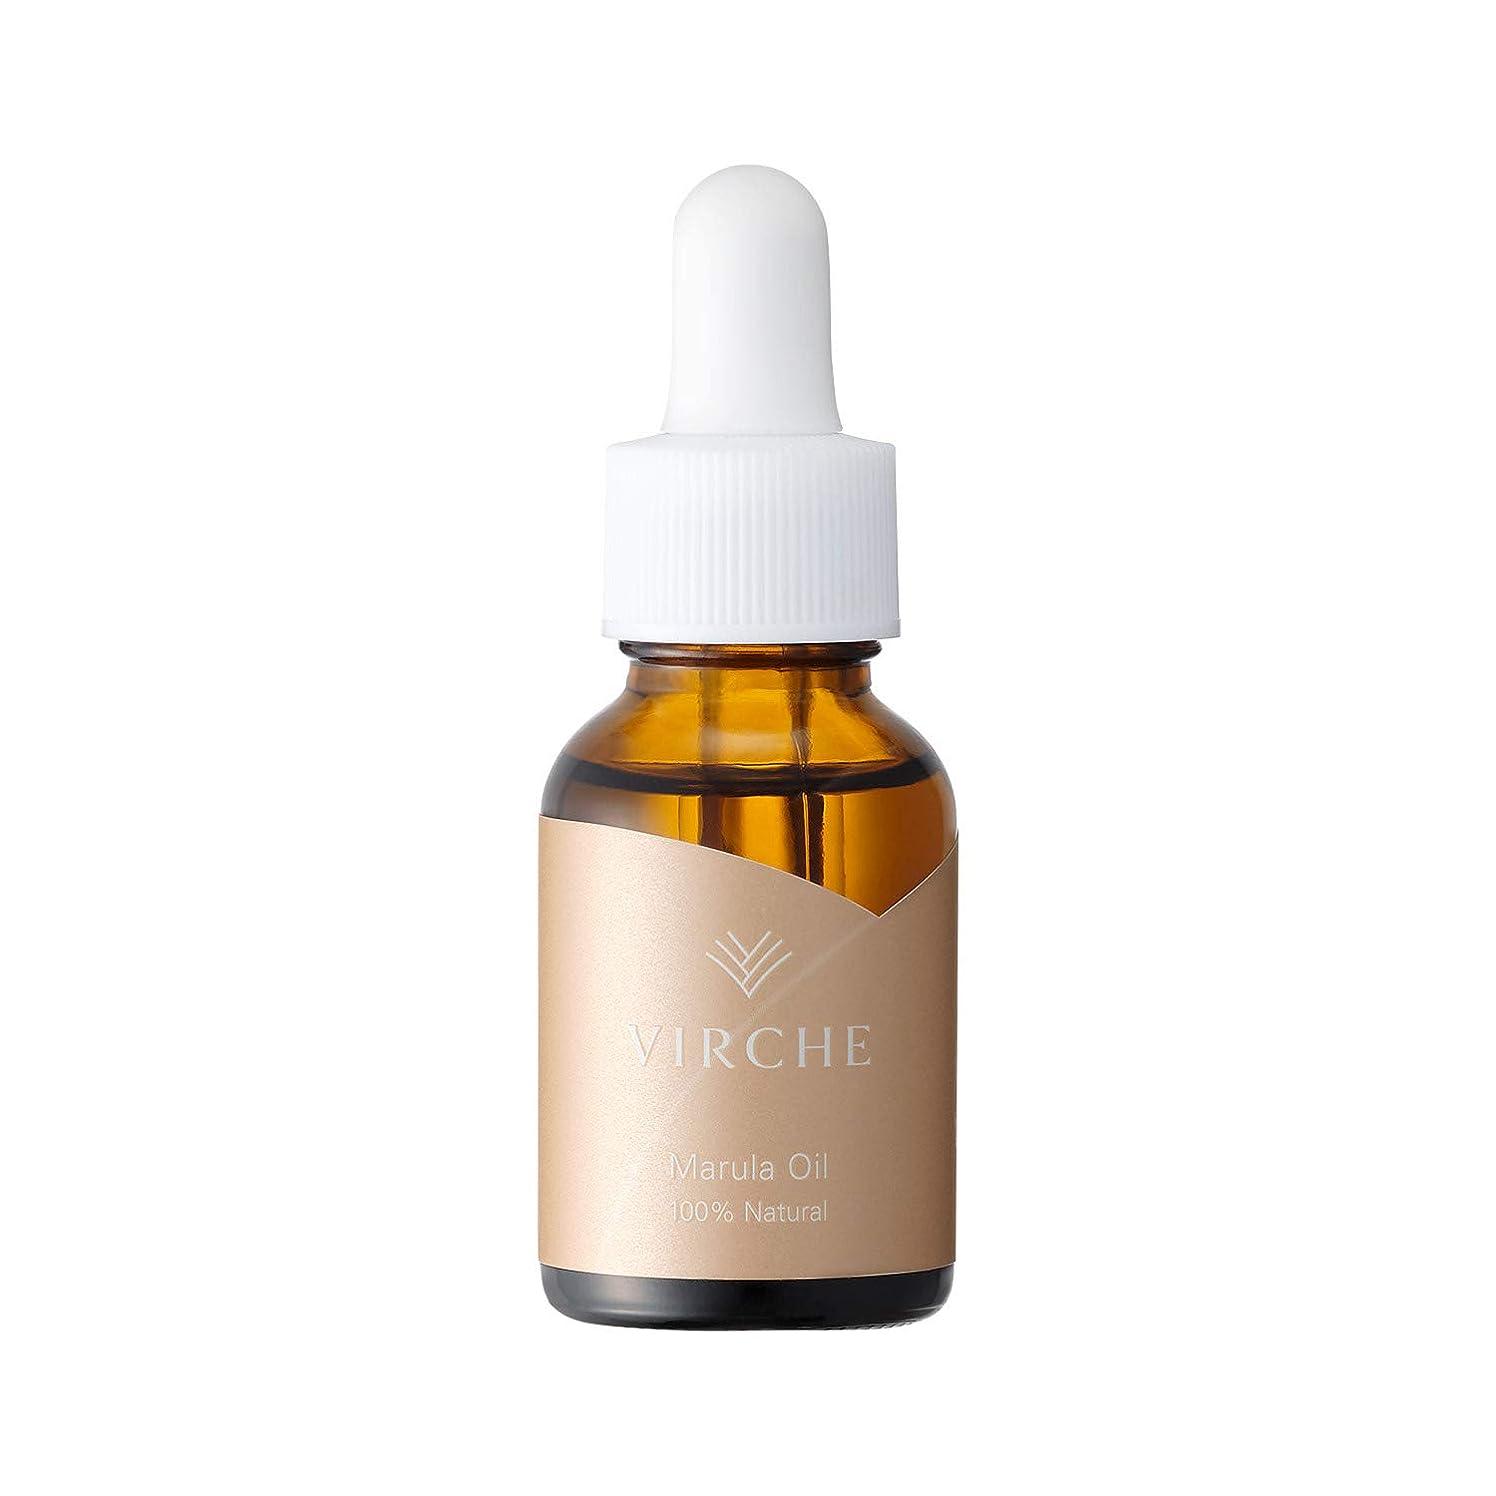 逆エイリアスコインマルラオイル(Marula Oil)国内で品質管理/無香料/防腐剤、香料、着色料すべて無添加の美容オイル/18ml(髪など全身に使えて約30日分)